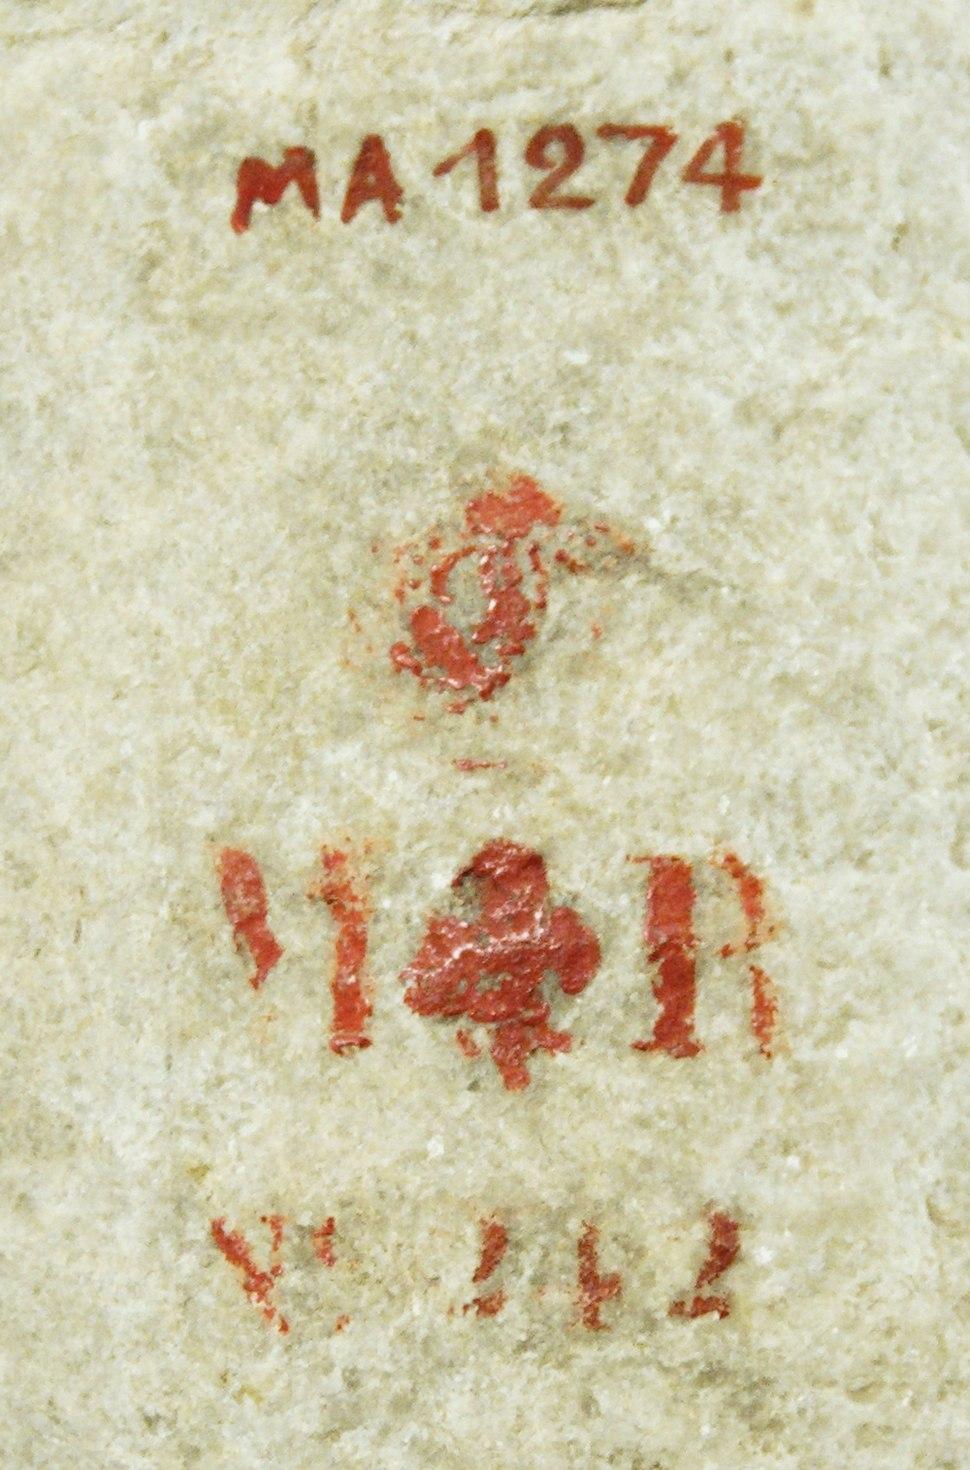 Louvre identifiers Ma1274-MR242